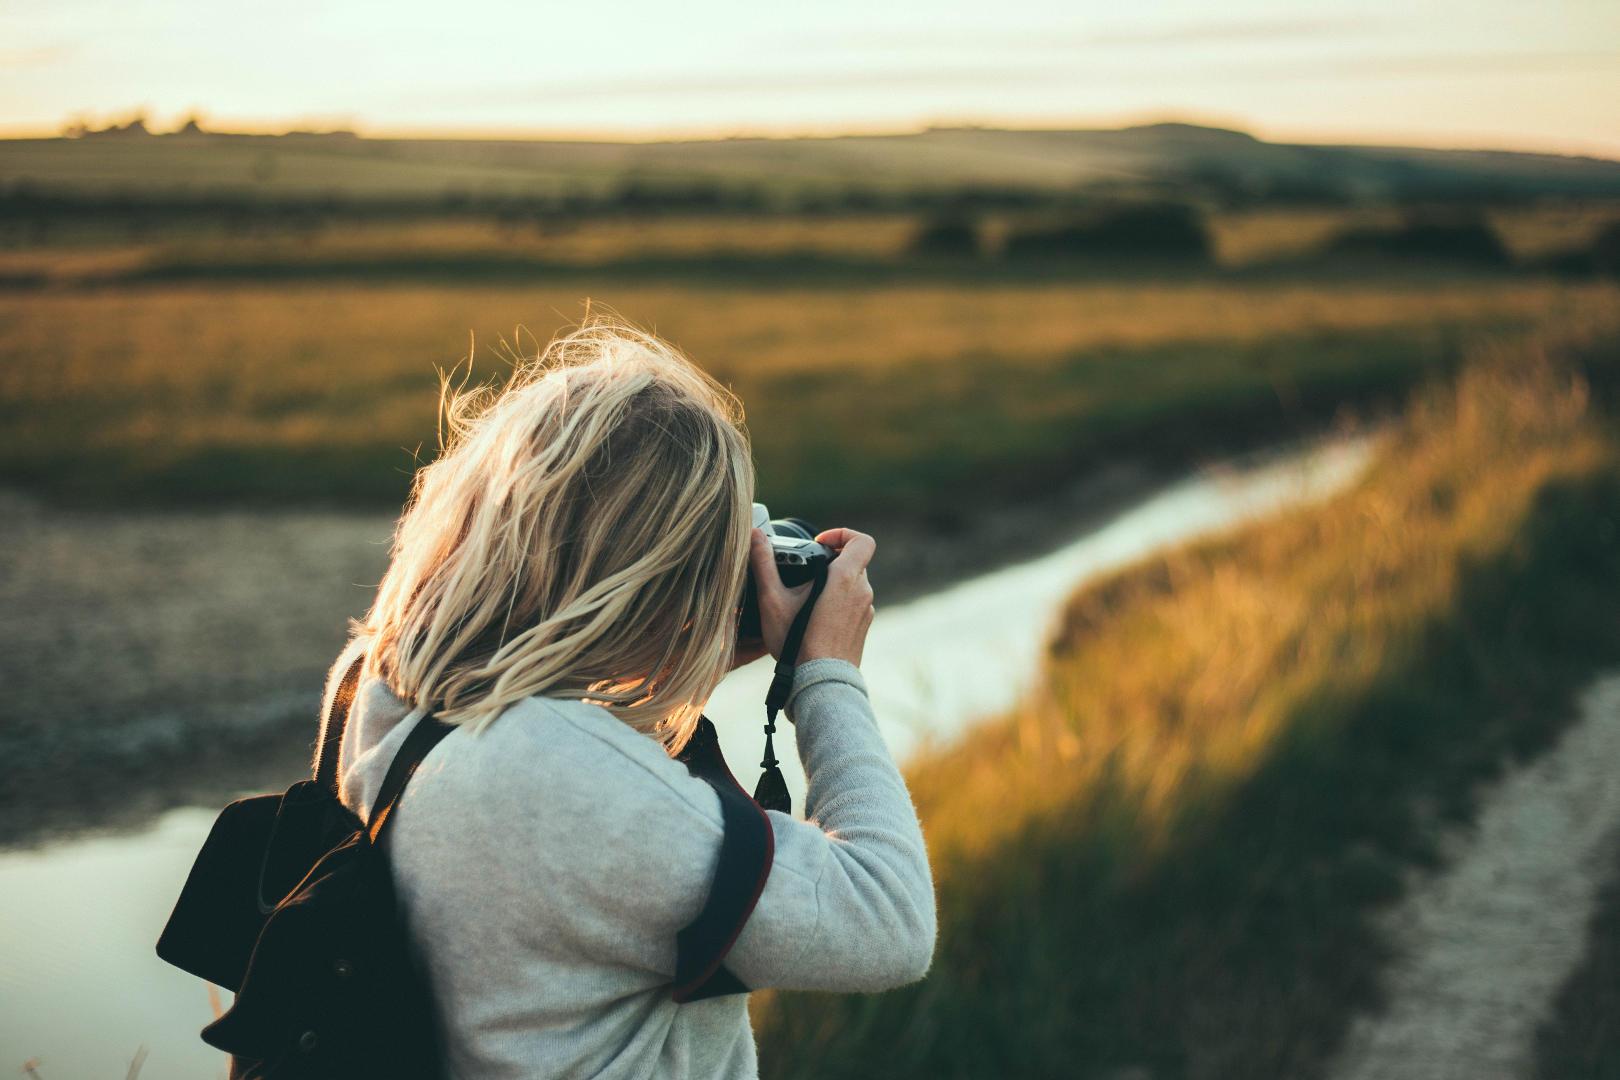 Eine Frau fotografiert einen Fluss.